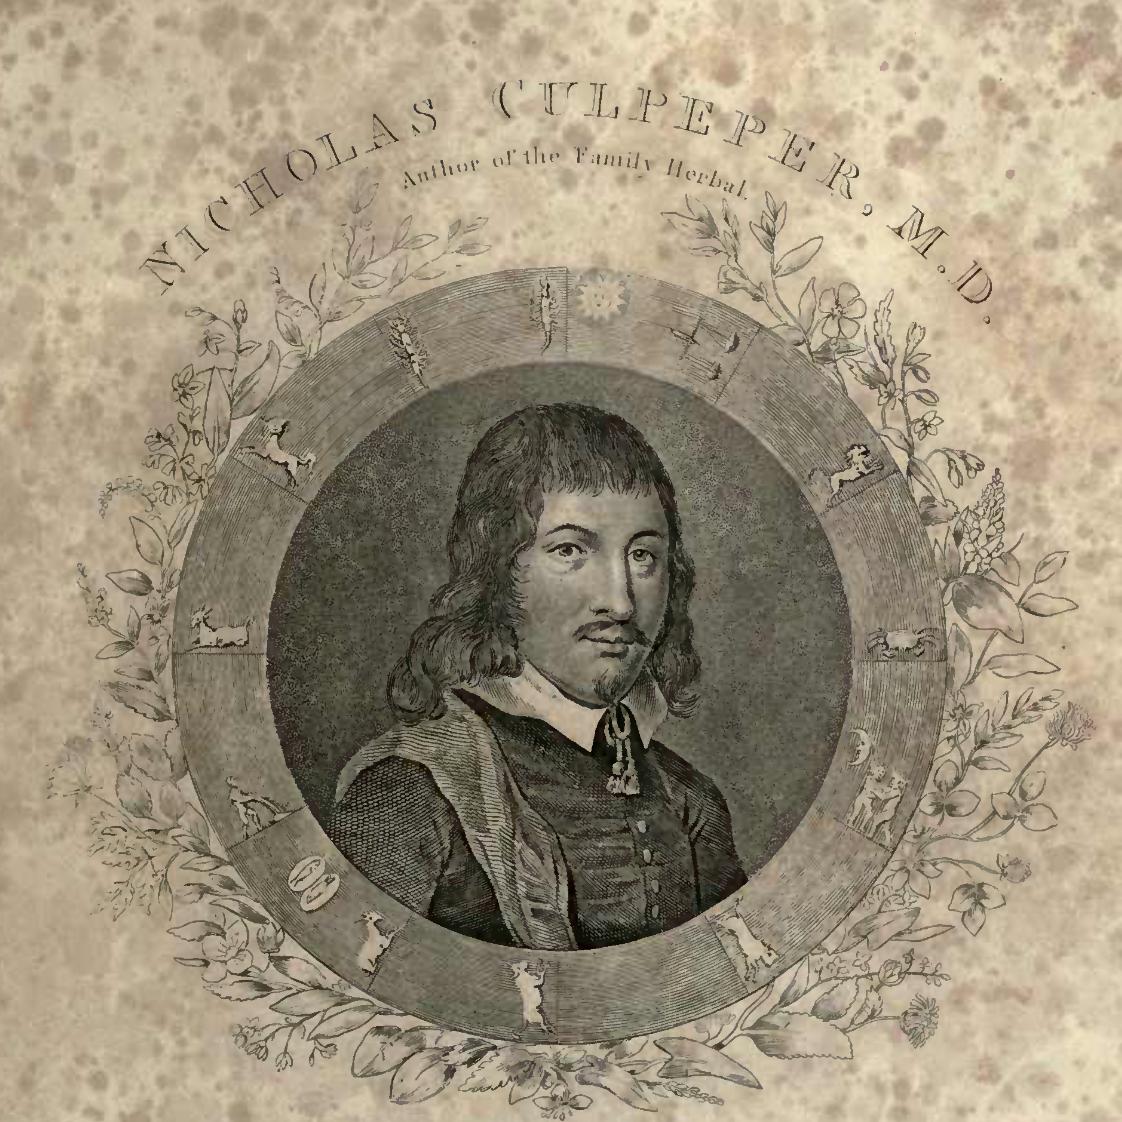 Nicholas Culpeper, legend.